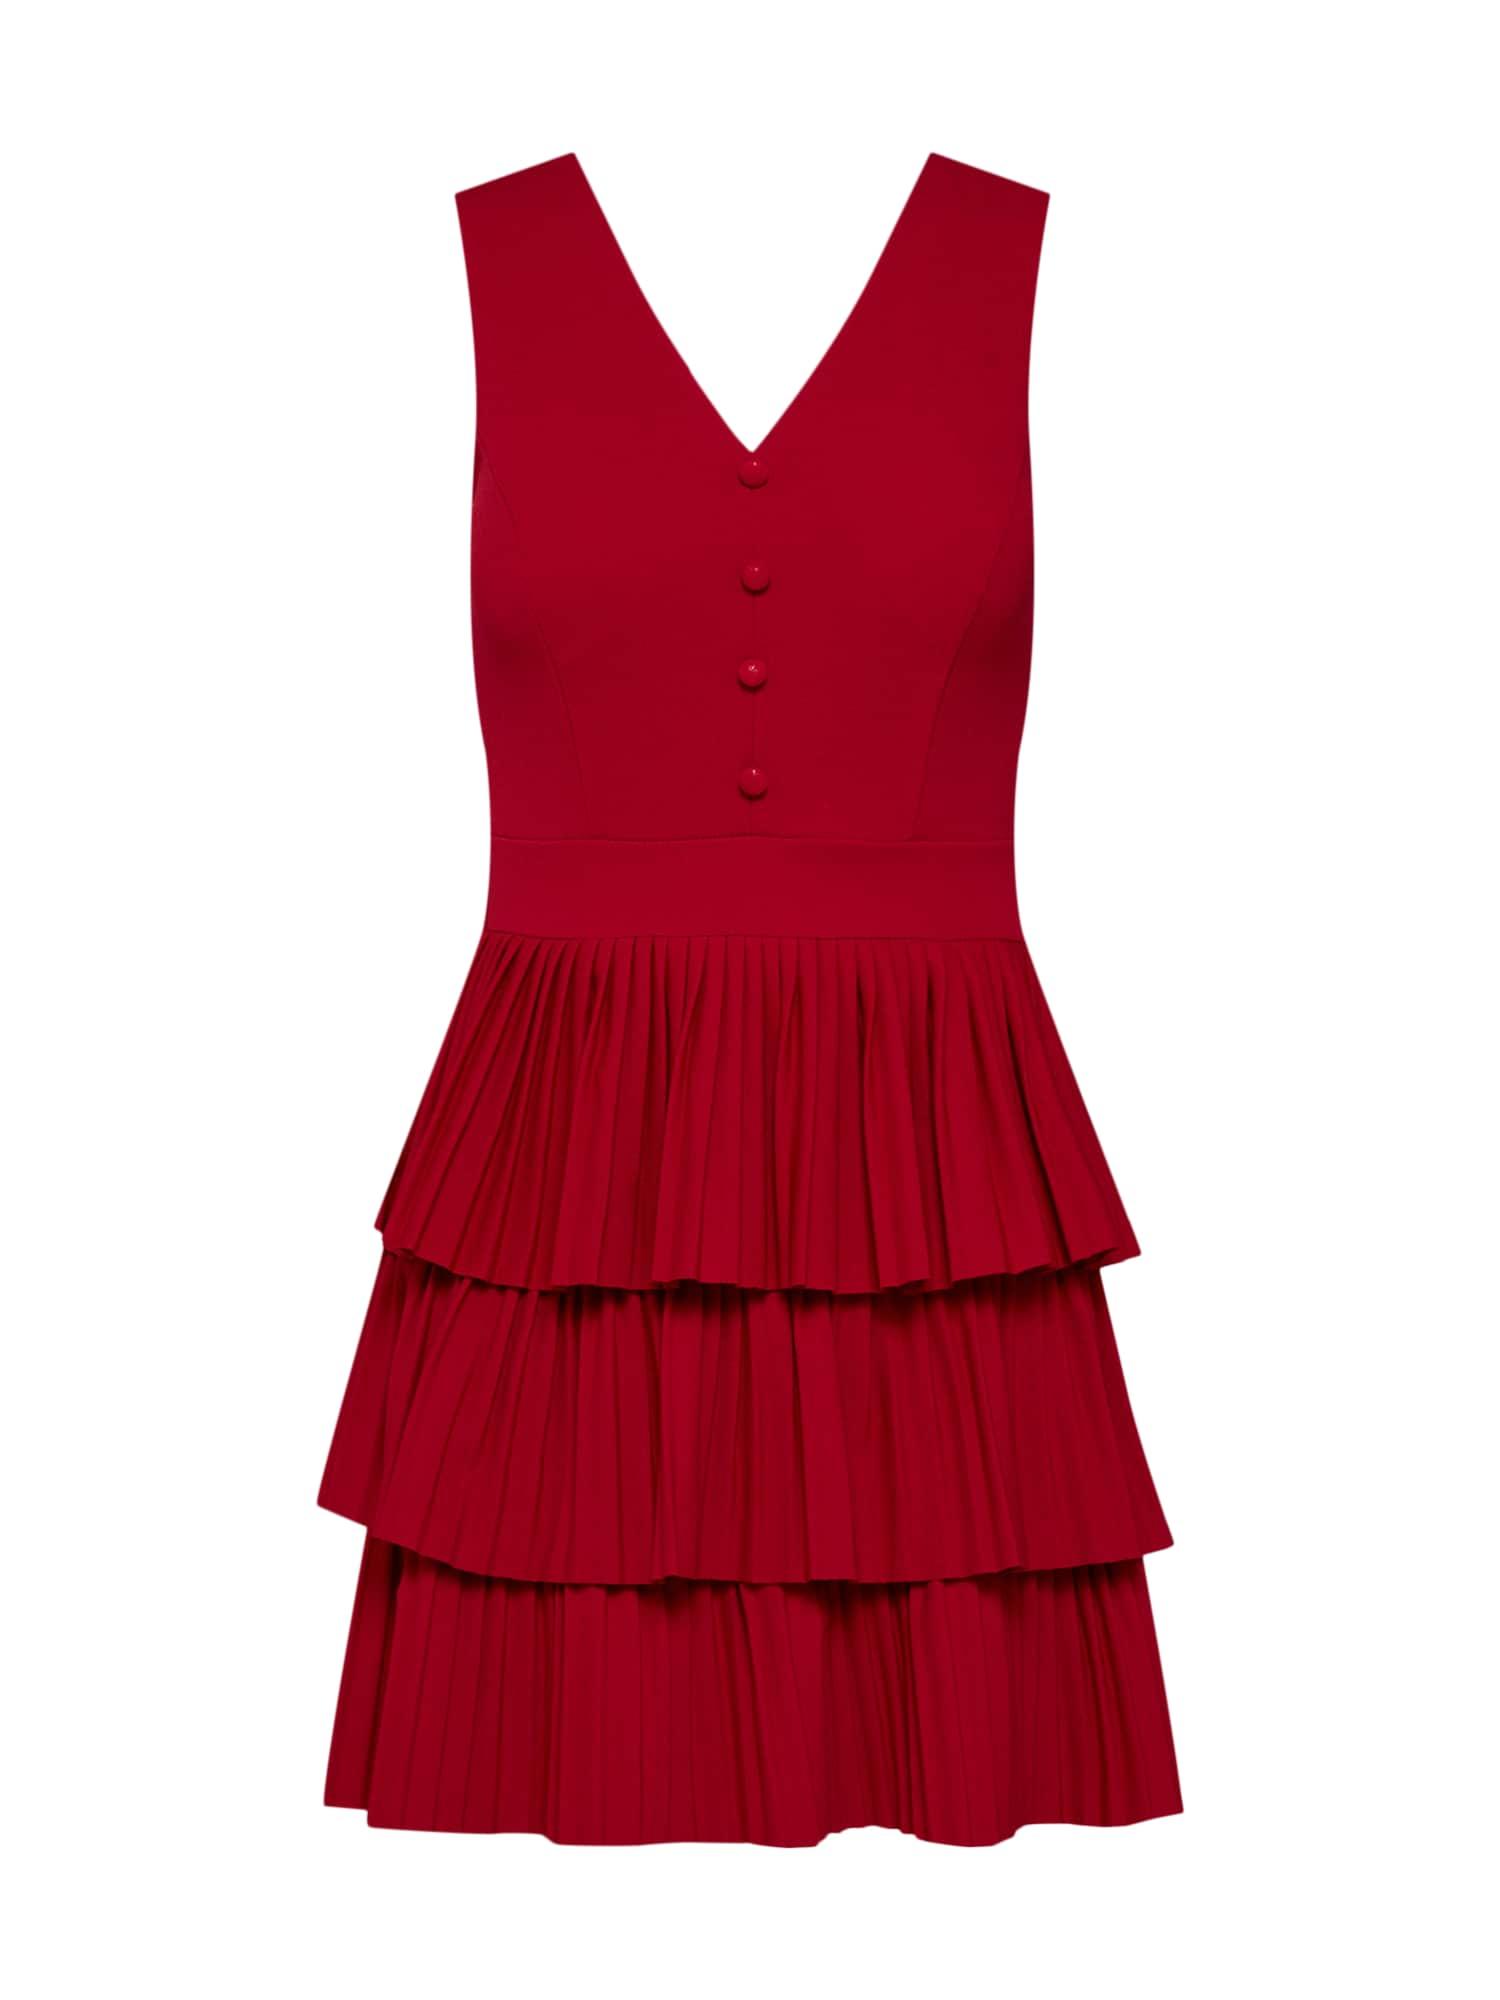 WAL G. Suknelė vyšninė spalva